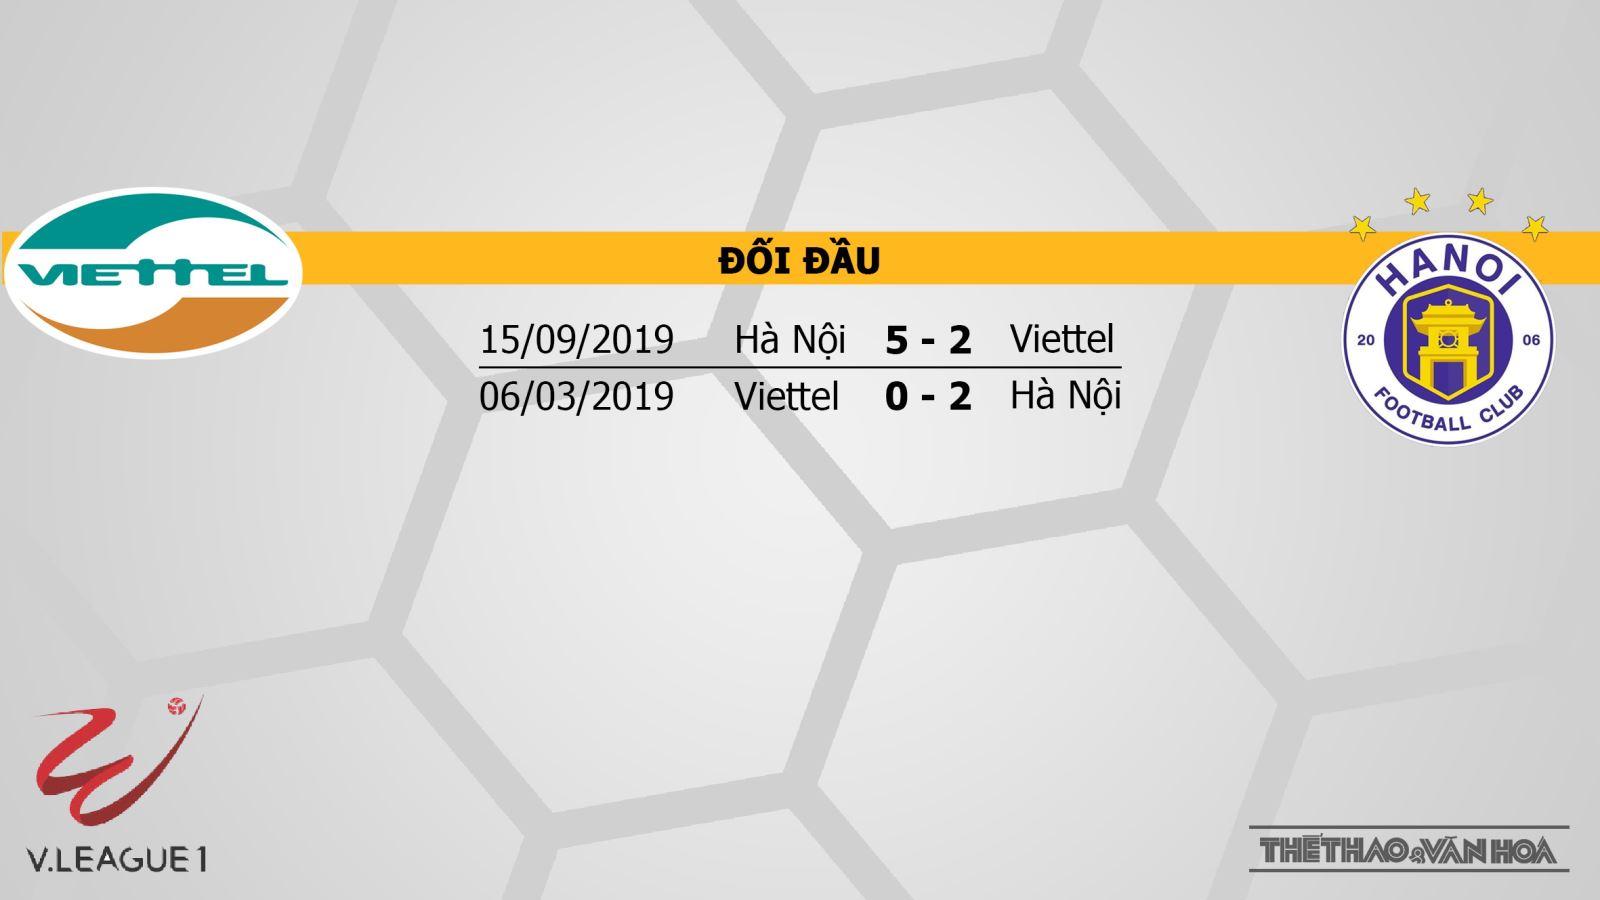 Viettel vsHà Nội, Viettel, Hà Nội, bóng đá, bong da, lịch thi đấu bóng đá, soi kèo, kèo bóng đá, nhận định, V-League